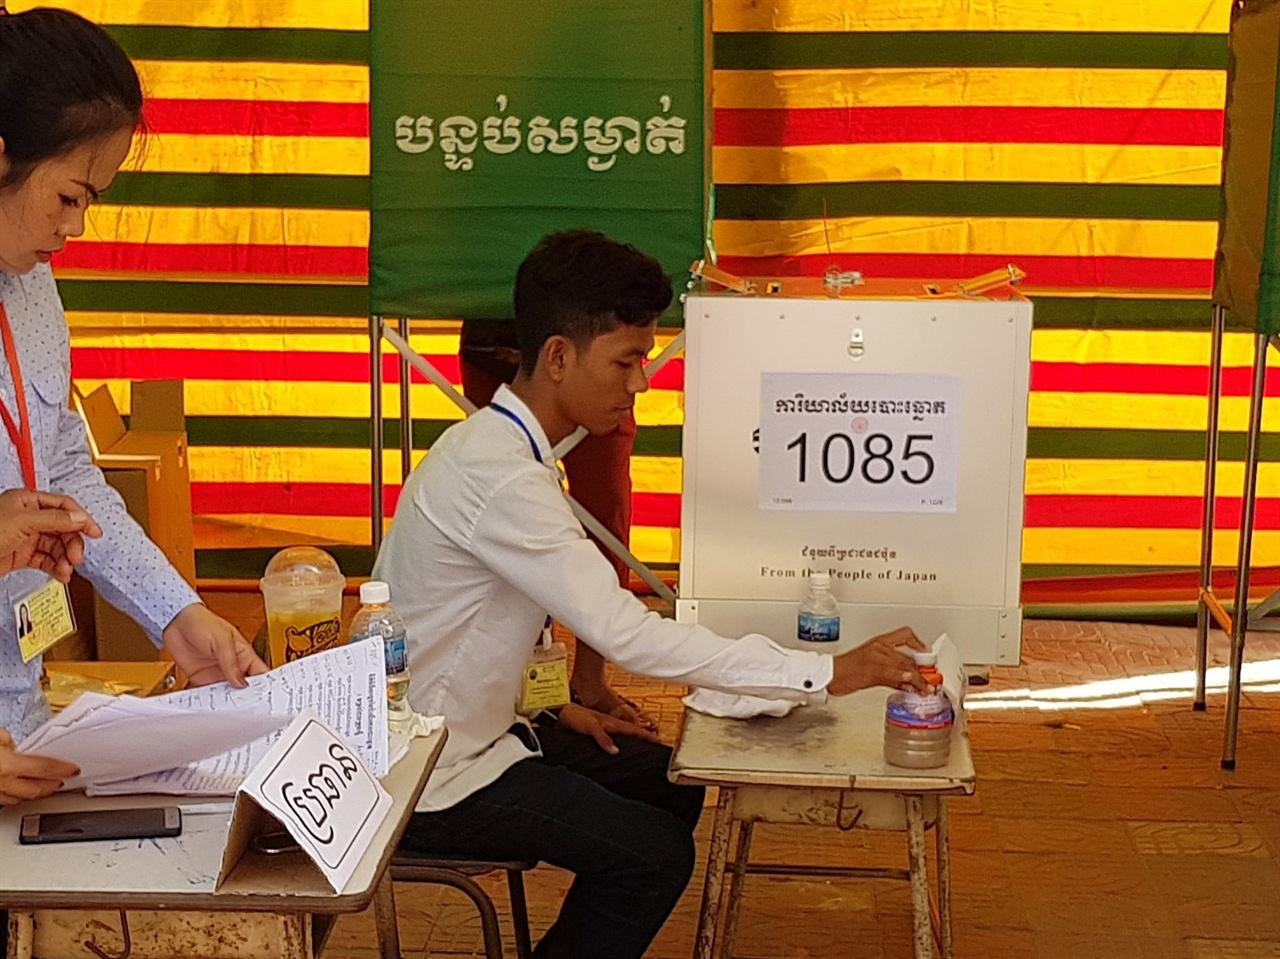 투표함 하단에 'From The People of Japan'(일본국민들로부터)라는 작은 글씨가 보인다. 일본은 이번 캄보디아총선에 투표함 1만여 개와 픽업트력 40대를 지원했다.